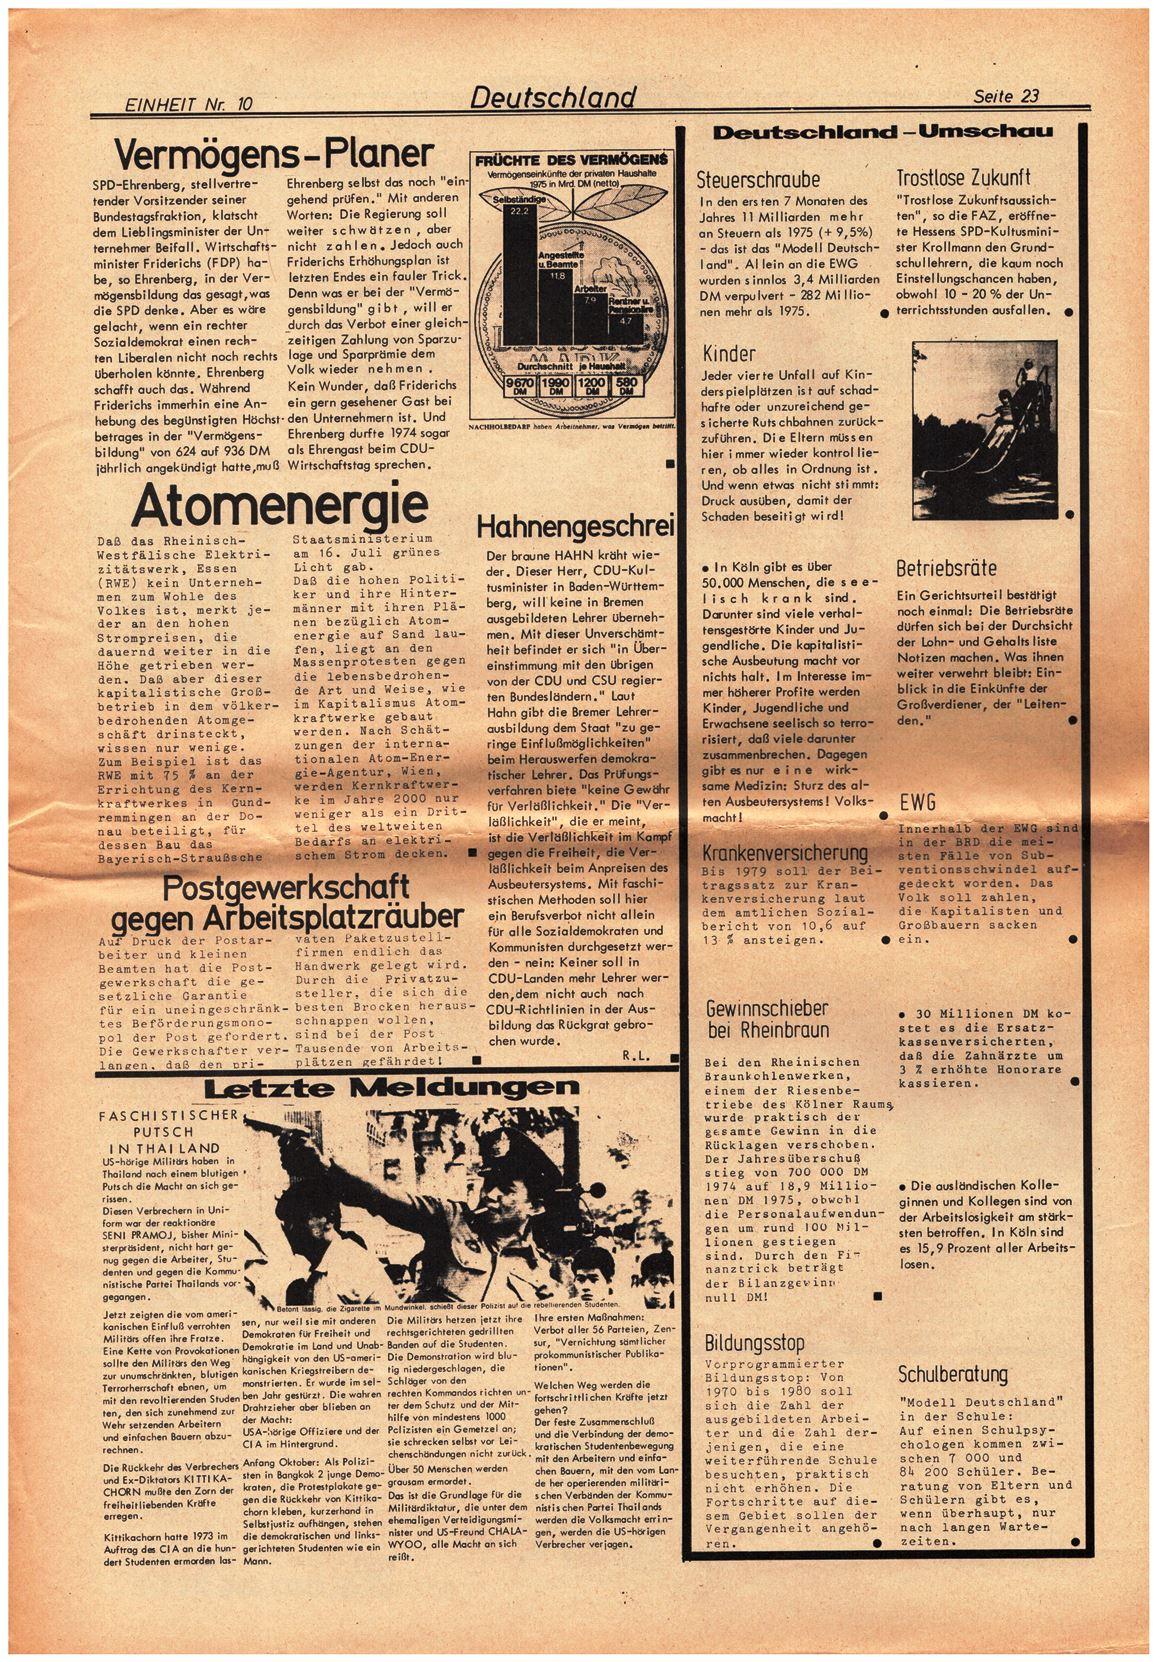 Koeln_IPdA_Einheit_1976_010_023